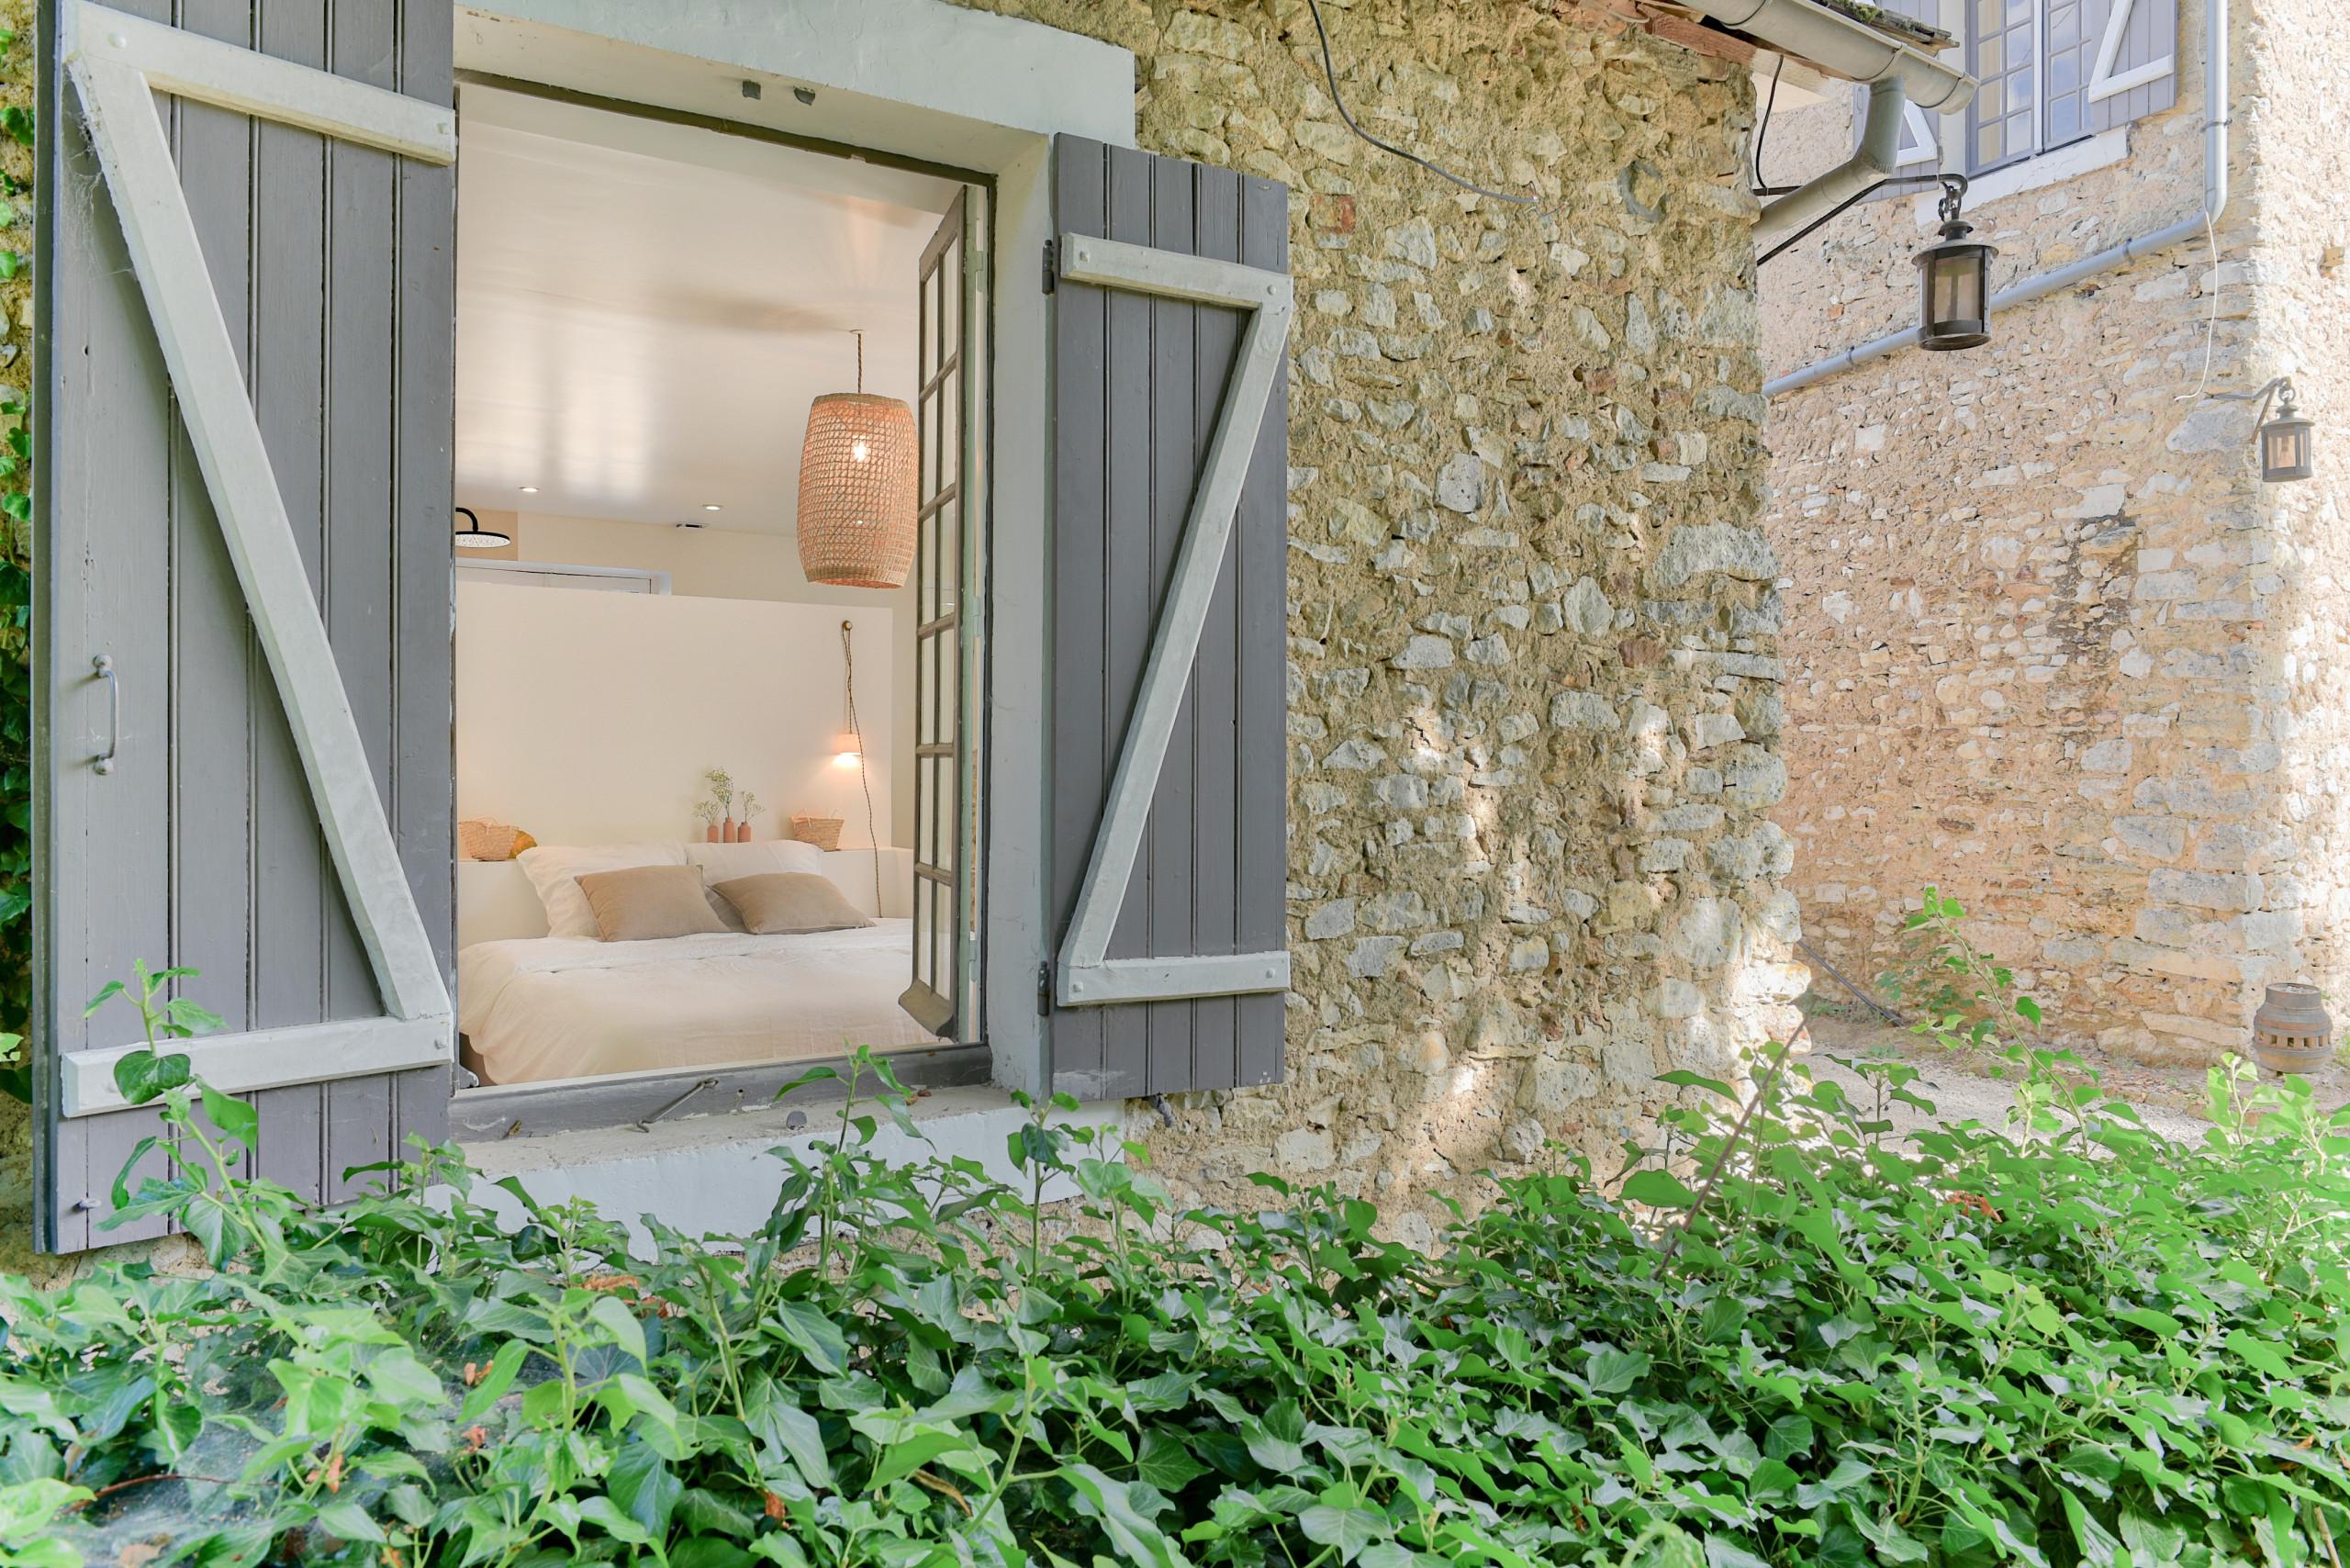 Rénovation d'un corps de ferme de 365 m2 - Suite Parentale Petite Maison